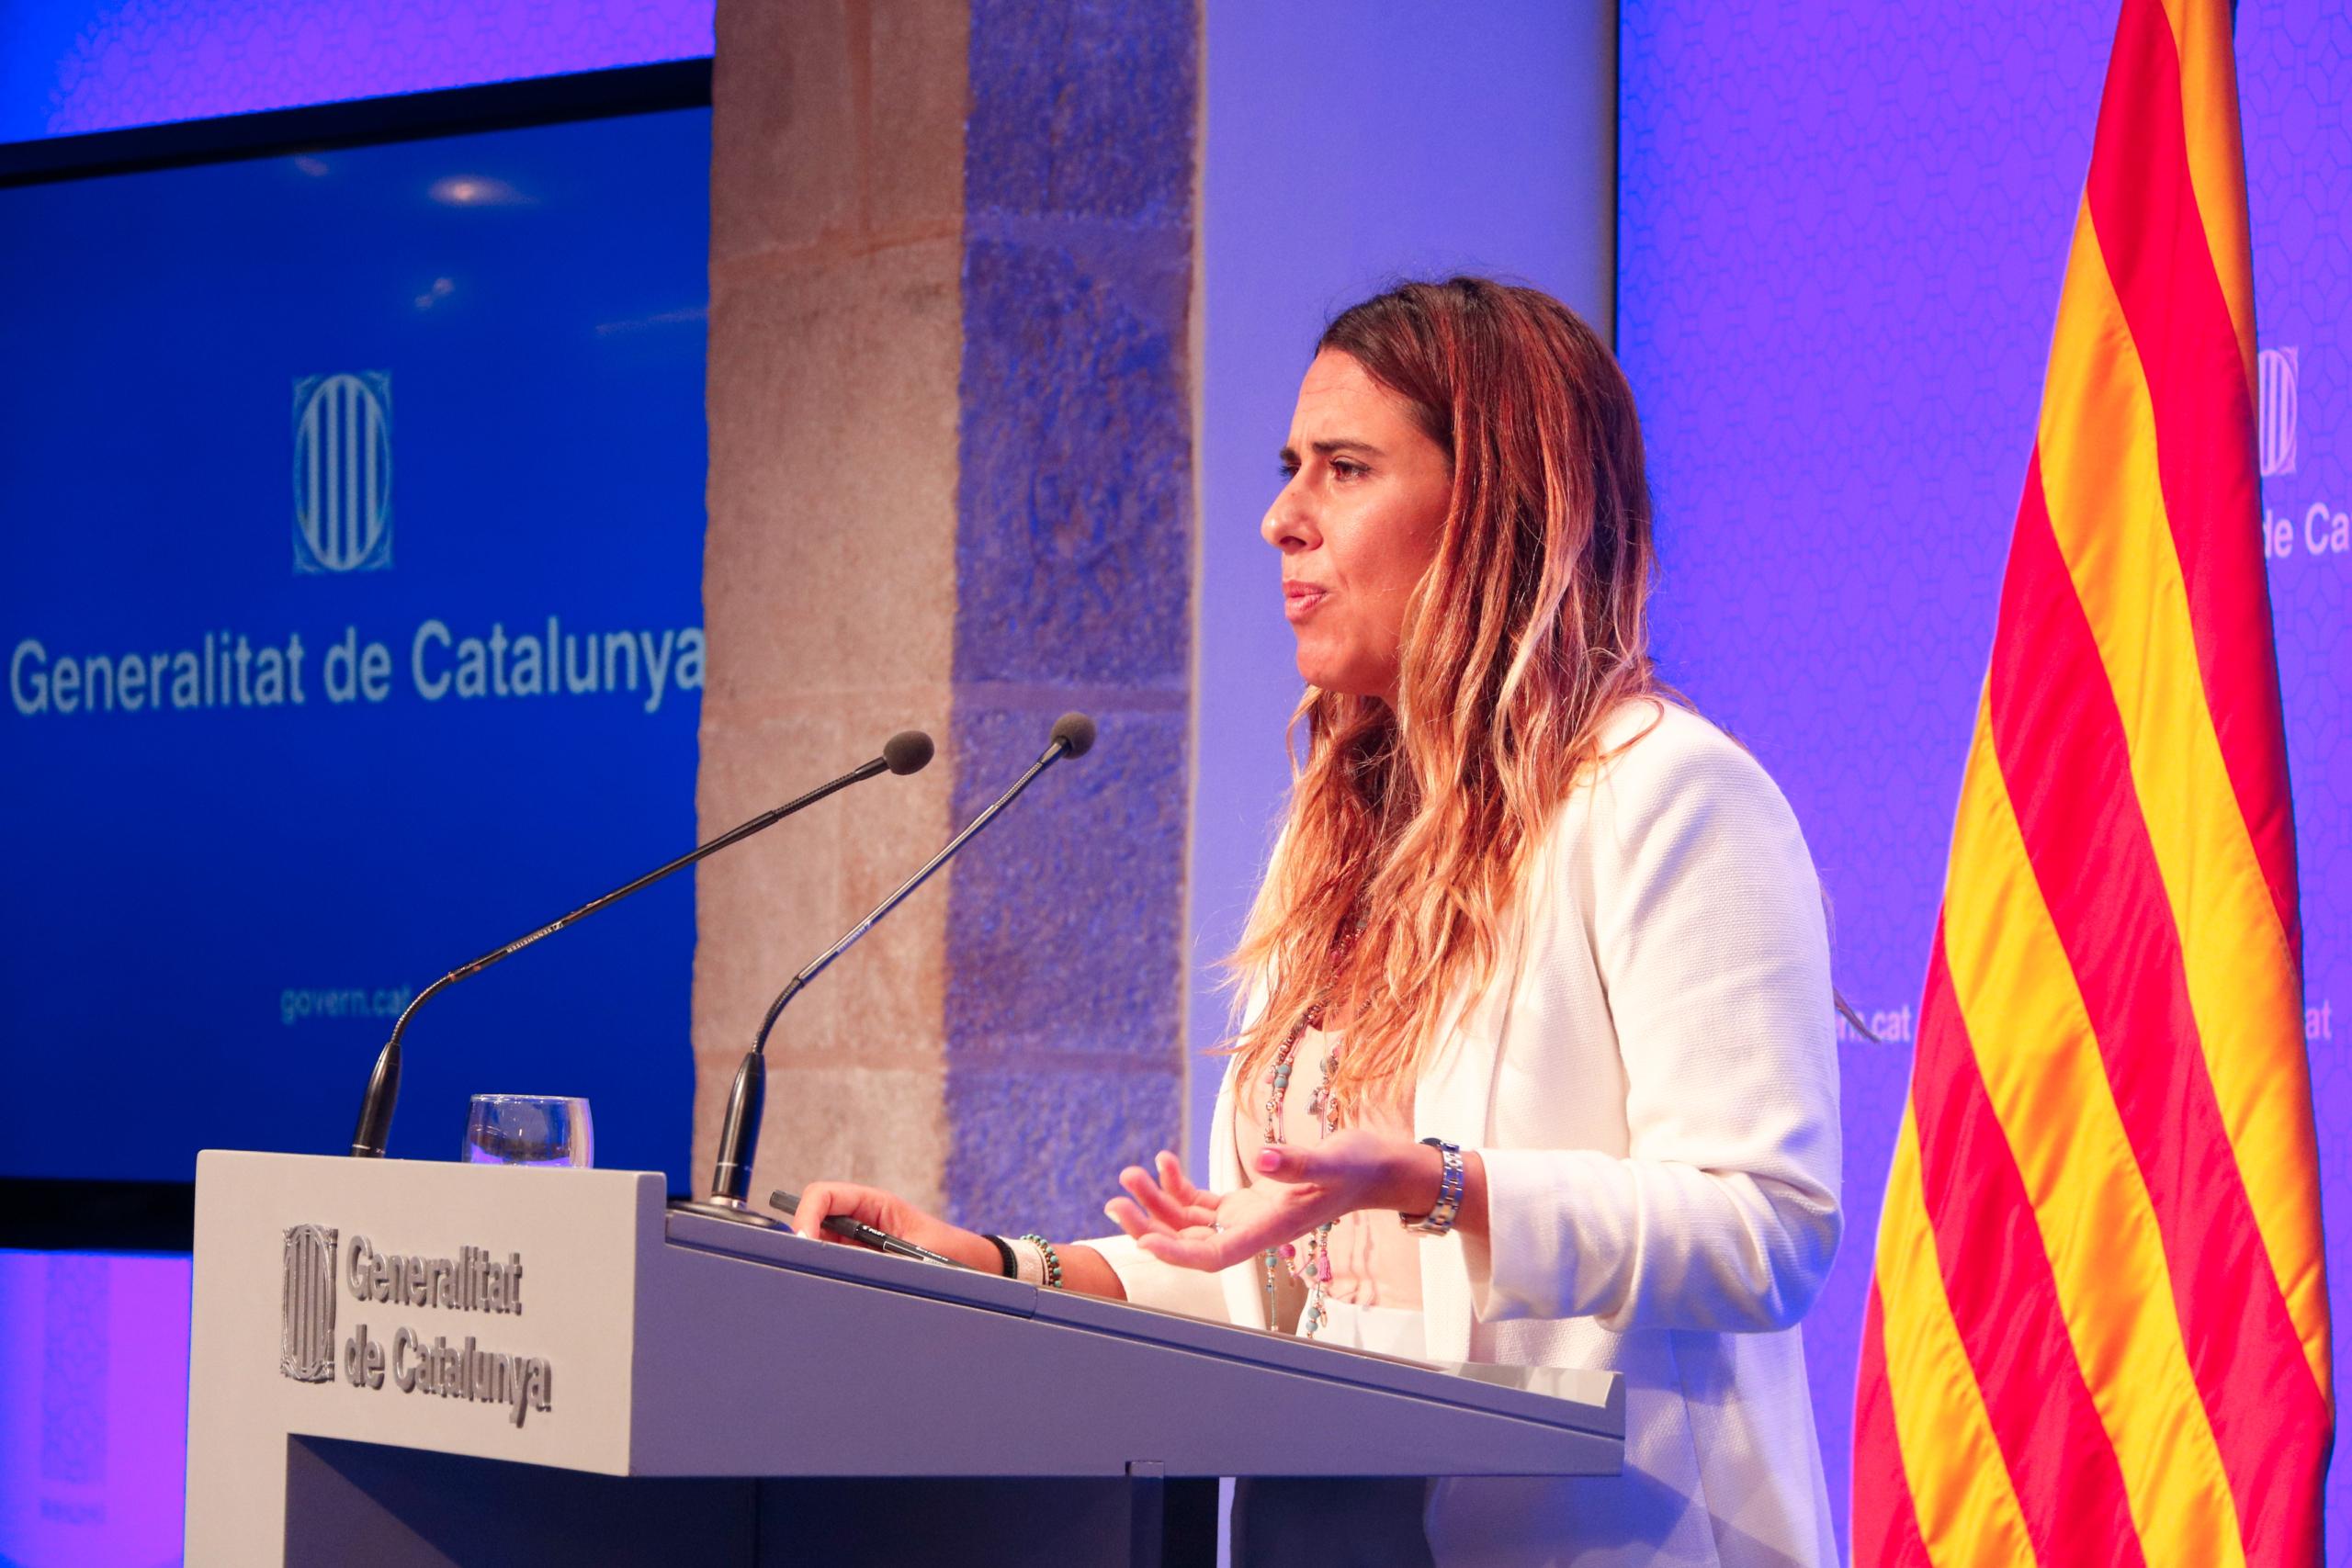 La portaveu del Govern, Patrícia Plaja, en roda de premsa després de l'últim Consell Executiu del curs polític, el 3 d'agost del 2021 / ACN